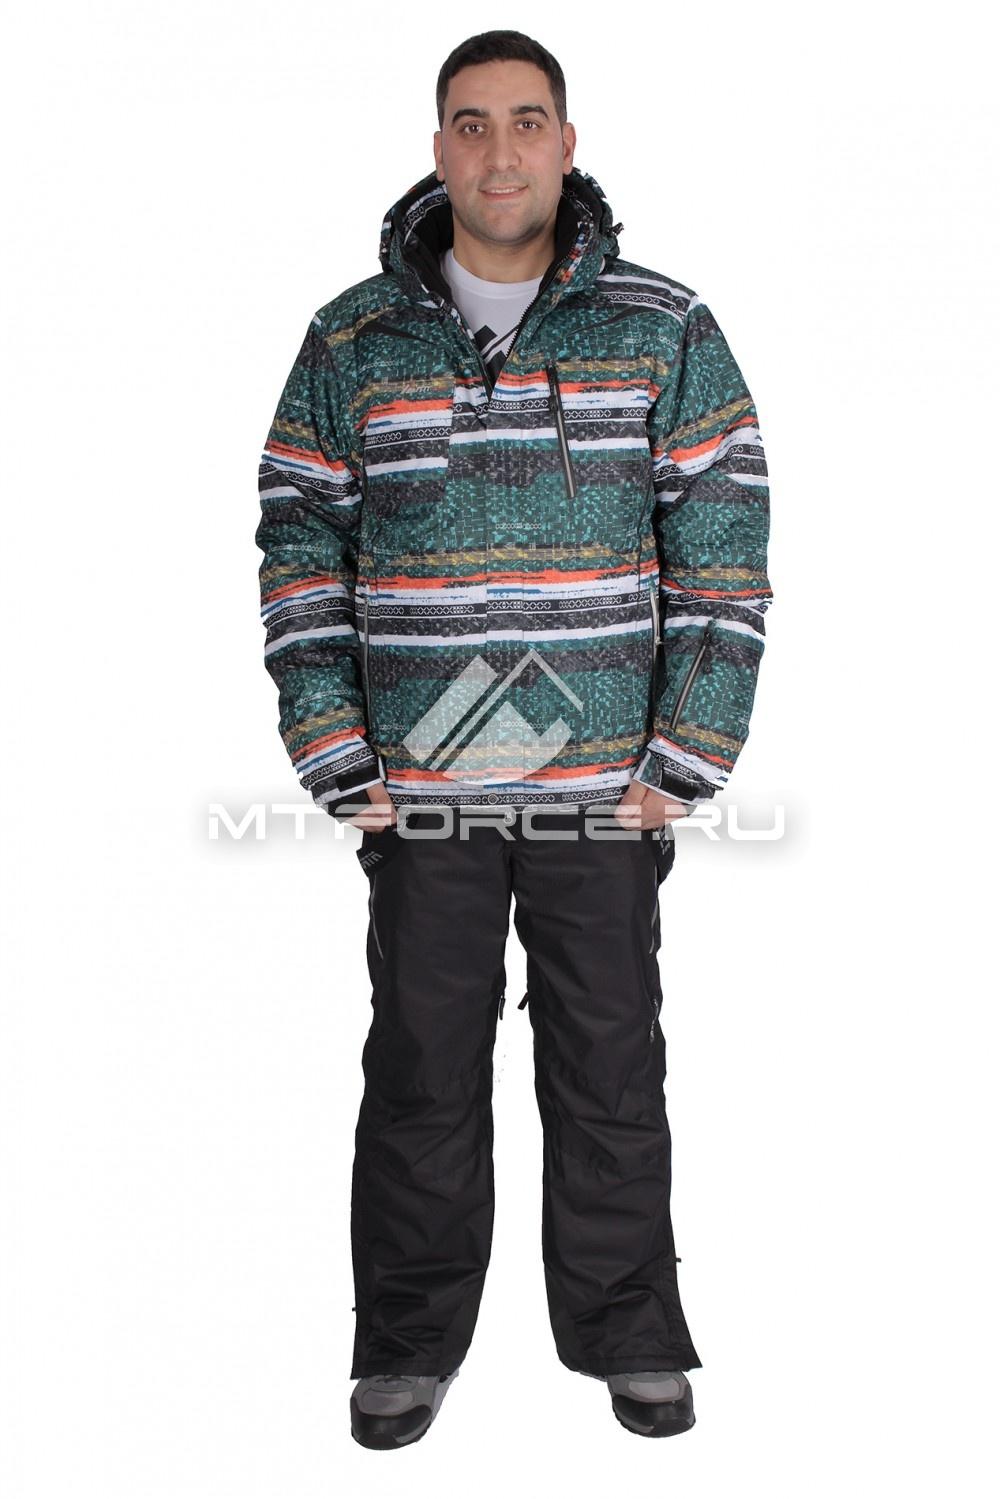 Купить                                  оптом Костюм горнолыжный мужской зеленого цвета 014102Z в Санкт-Петербурге